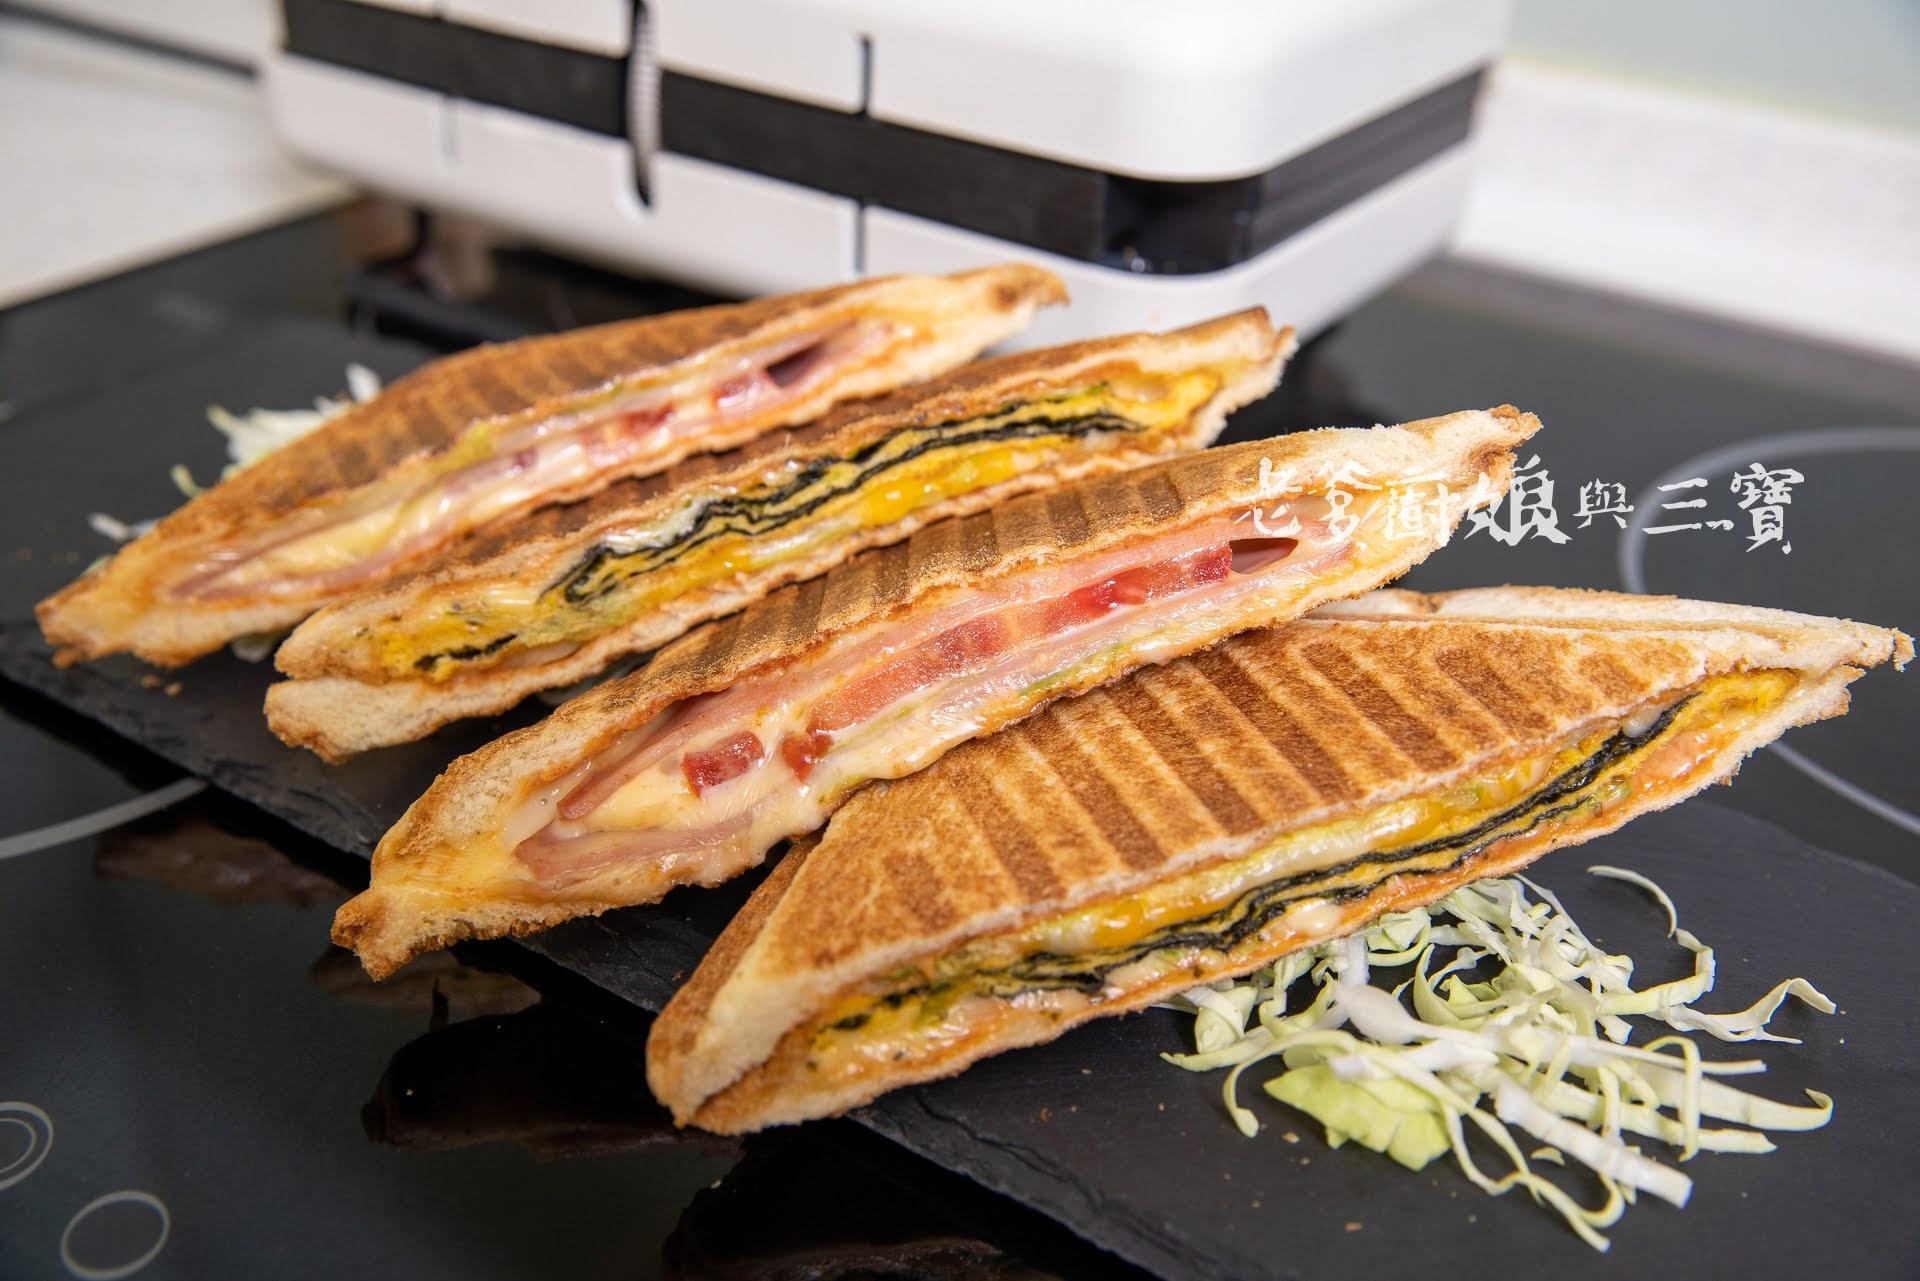 哇塞!濃濃無印風的ROOMMI煎烤熱壓三明治機,吃個三明治都文青了呢!